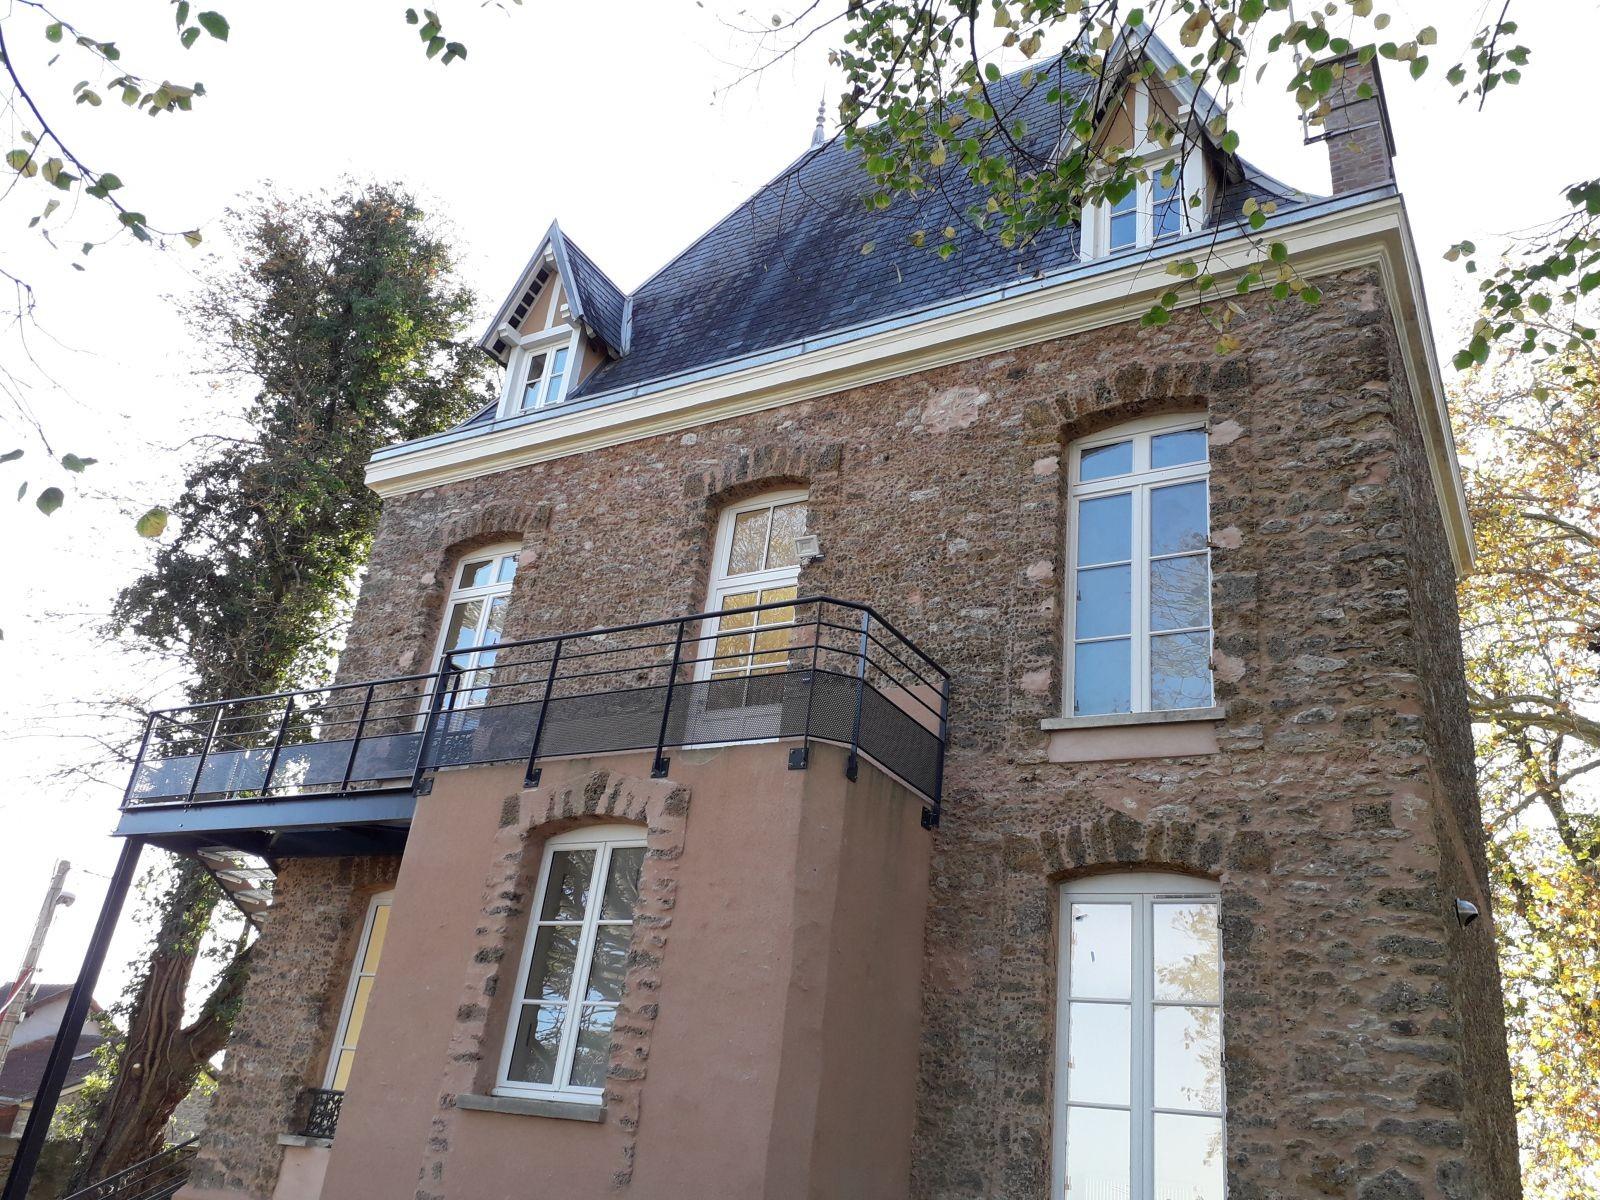 Esprit d'escalier pour la «Maison du jardinier » à Ollainville (91), soutenu par la Fondation du Patrimoine ; acquisition-amélioration de deux logements d'insertion grâce au parti-pris d'un escalier extérieur.